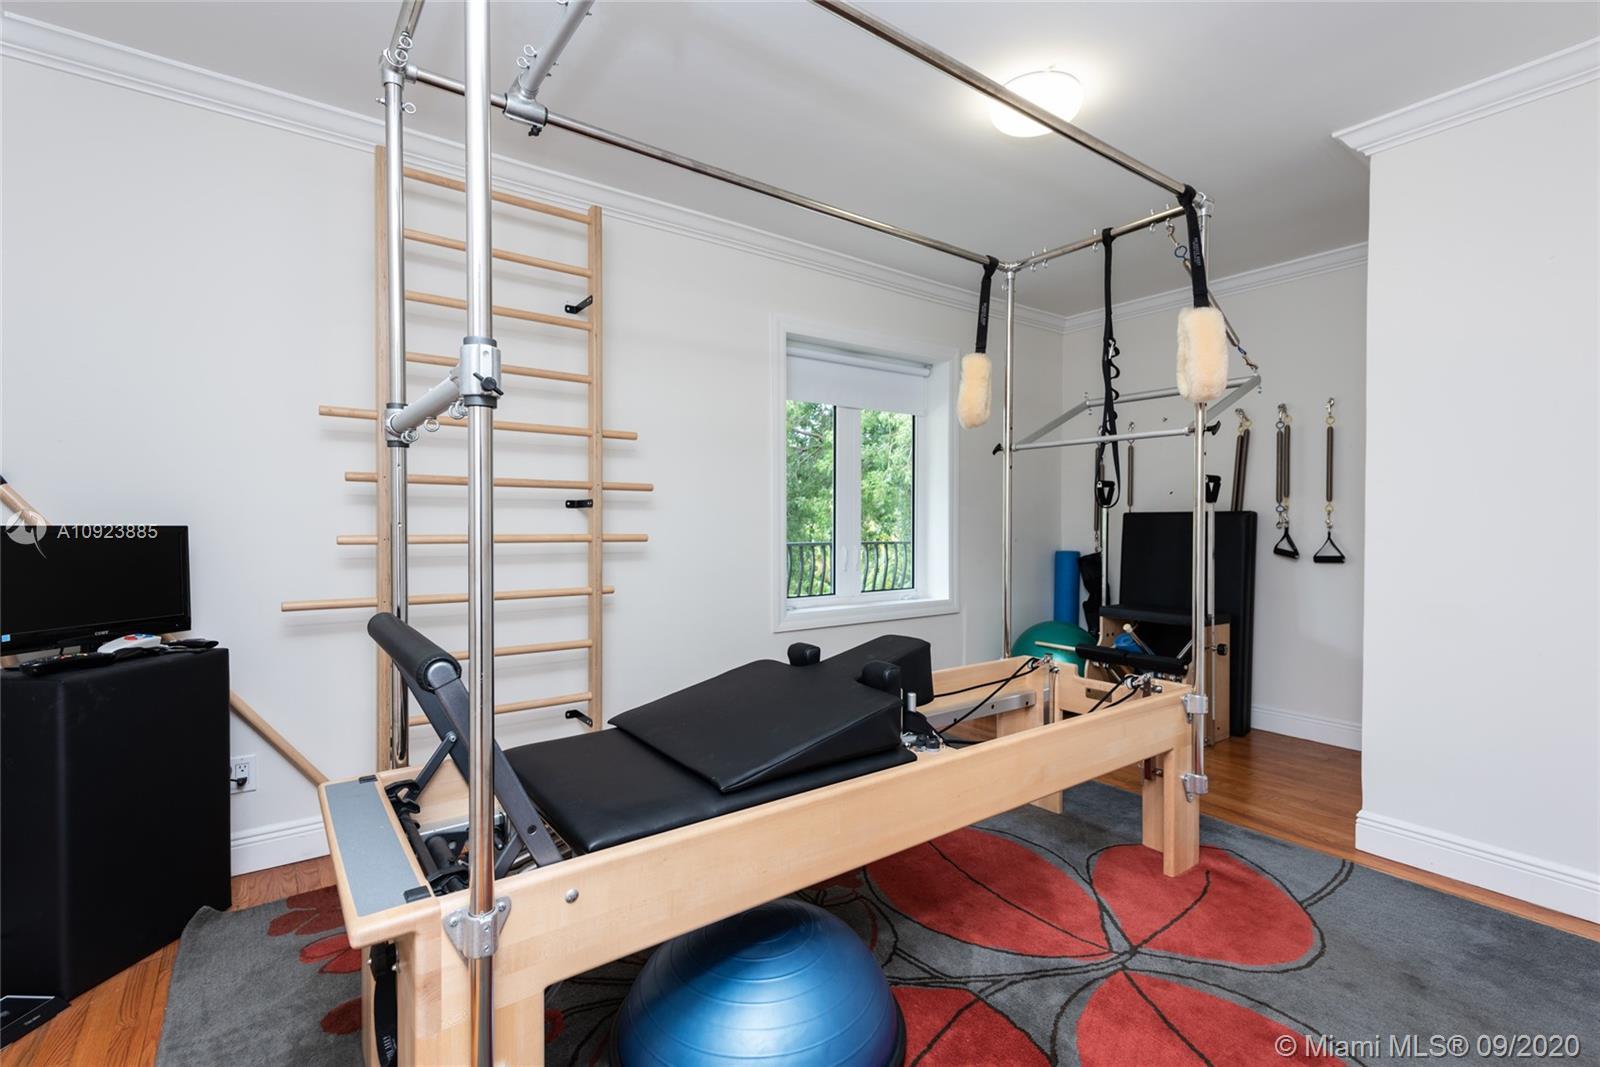 Guest Bedroom 4 / Gym